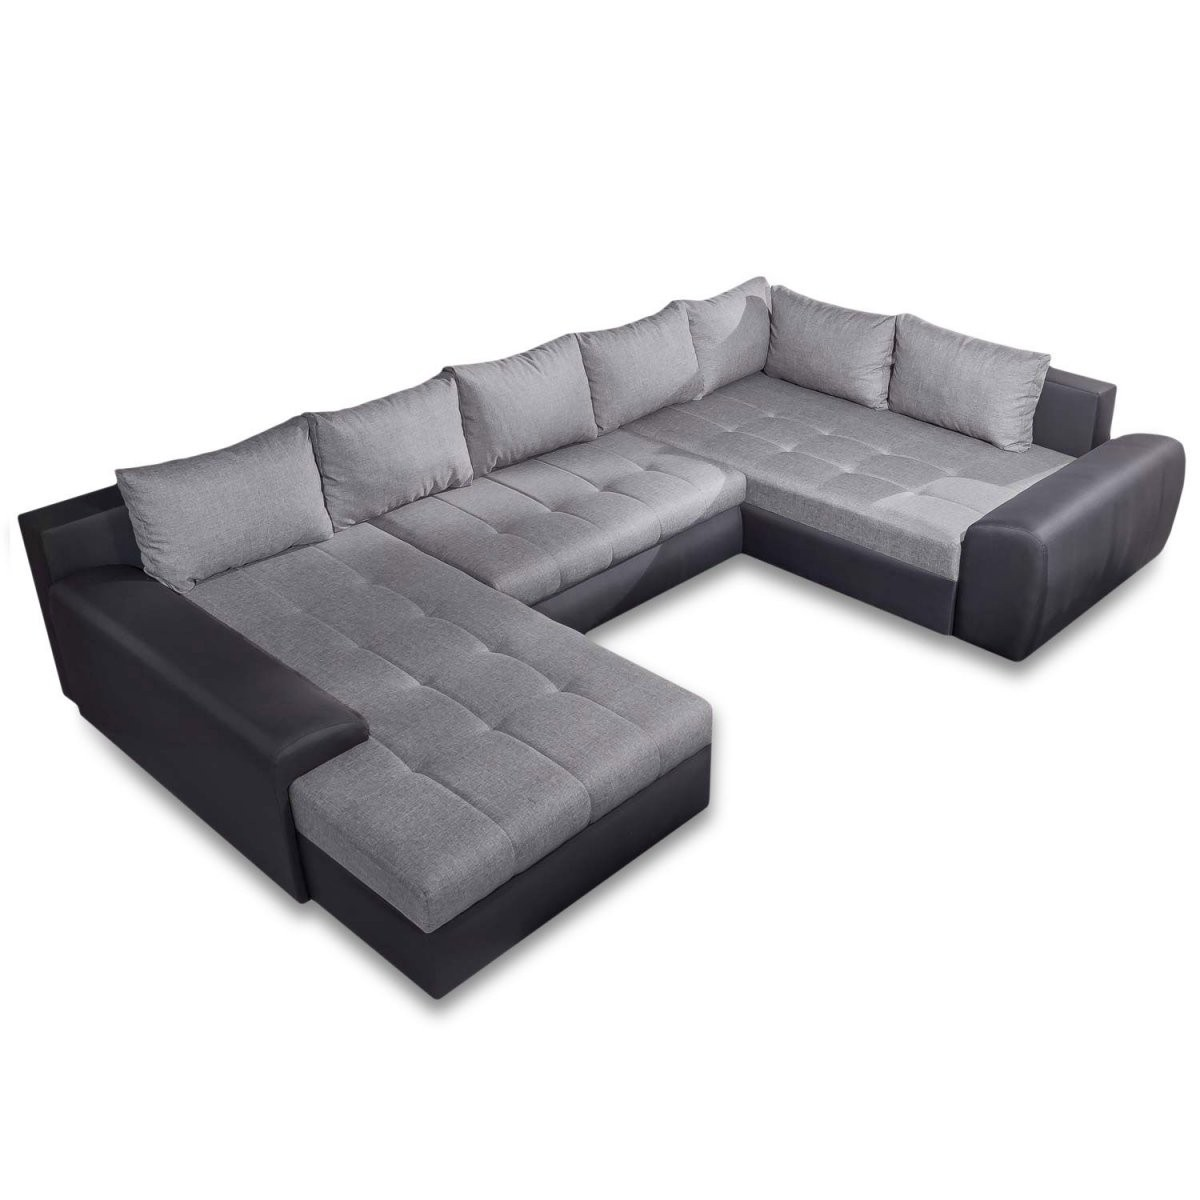 14 Sofa Mit Schlaffunktion Günstig Inspirierend Lqaff von Couch Mit Bettfunktion Günstig Photo